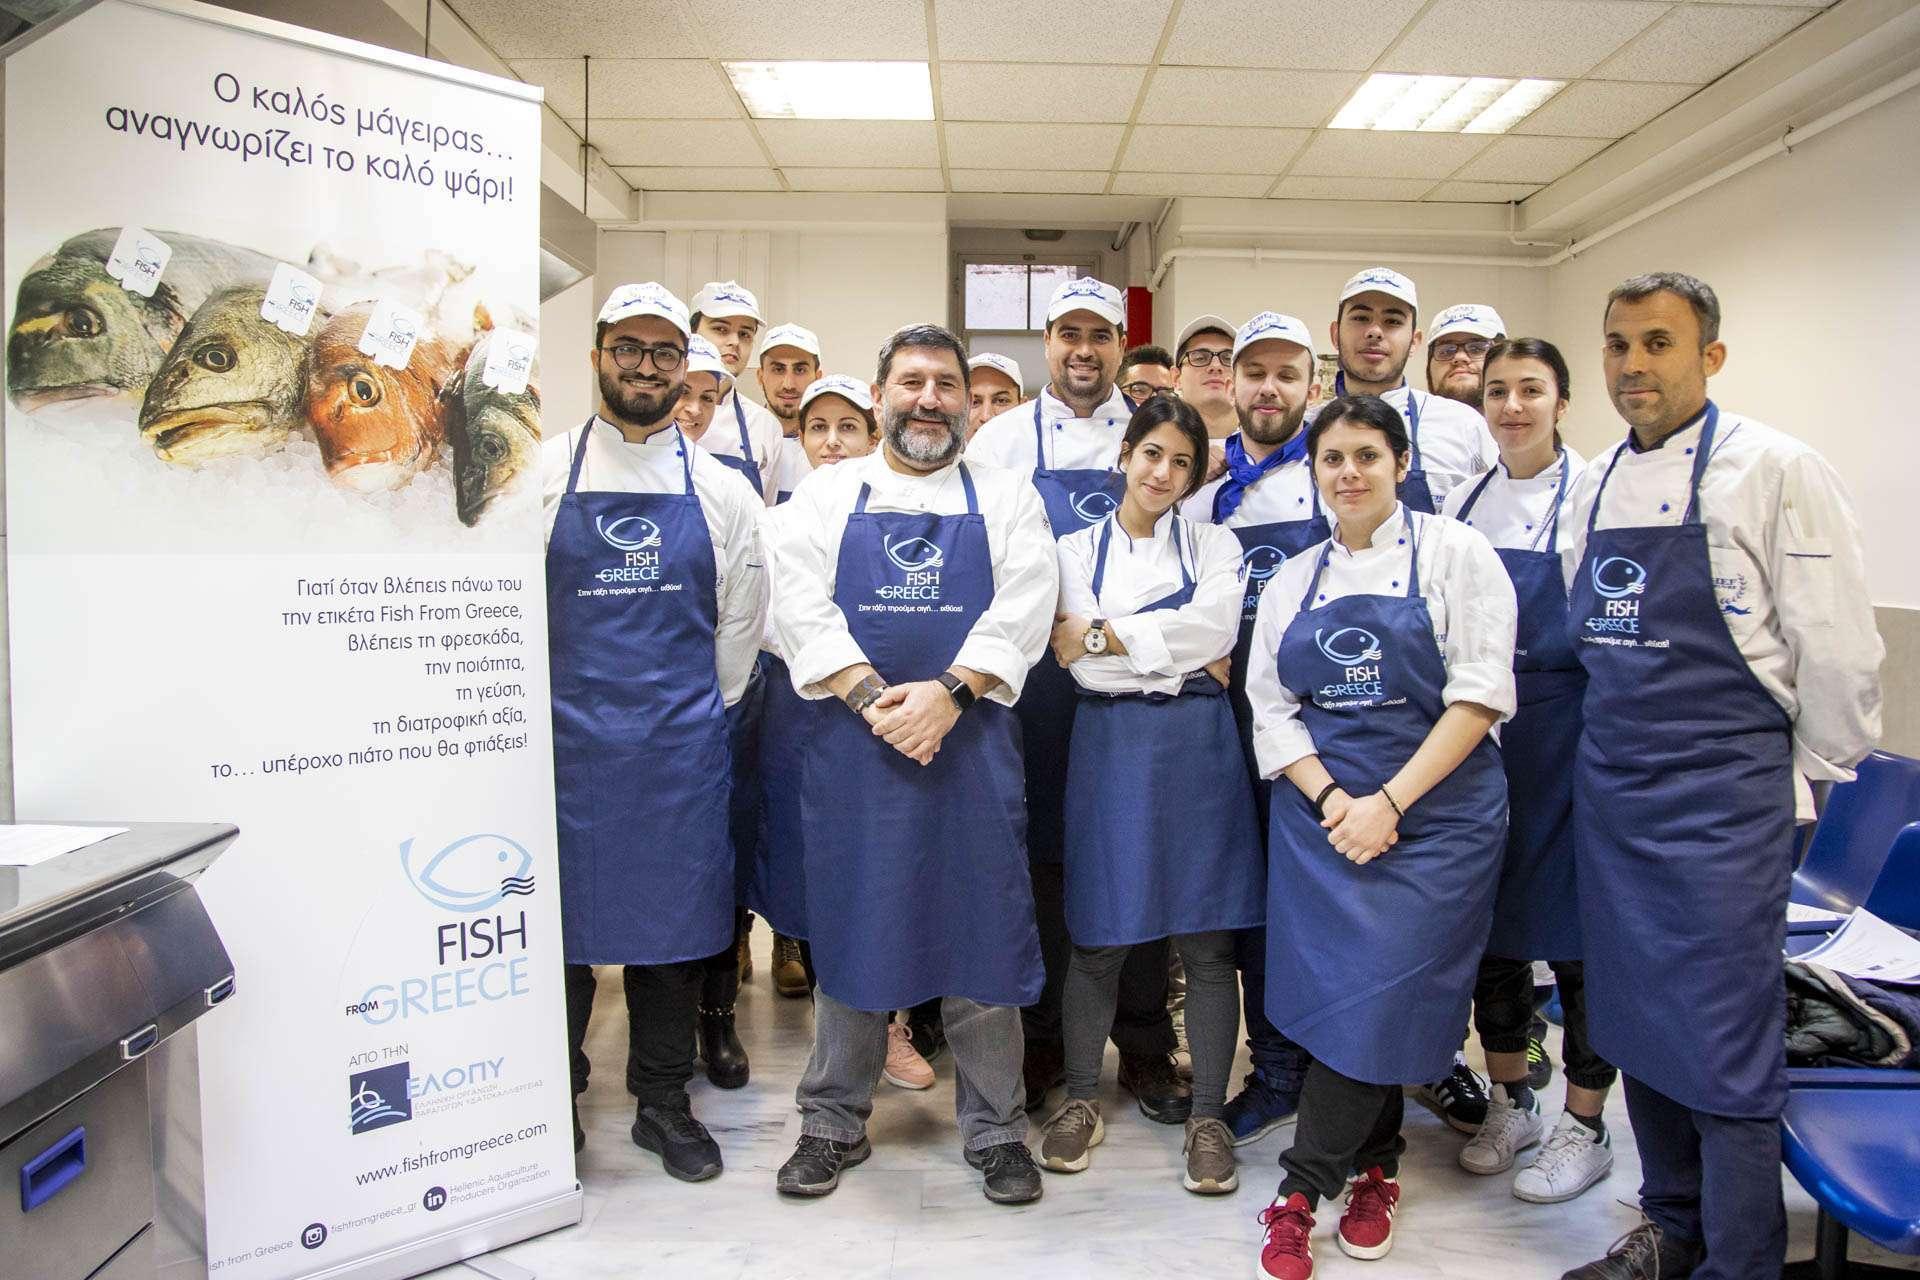 Ο πρεσβευτής της ΕΛΟΠΥ Γιάννης Μπουροδήμος με τους σπουδαστές των σχολών μαγειρικής